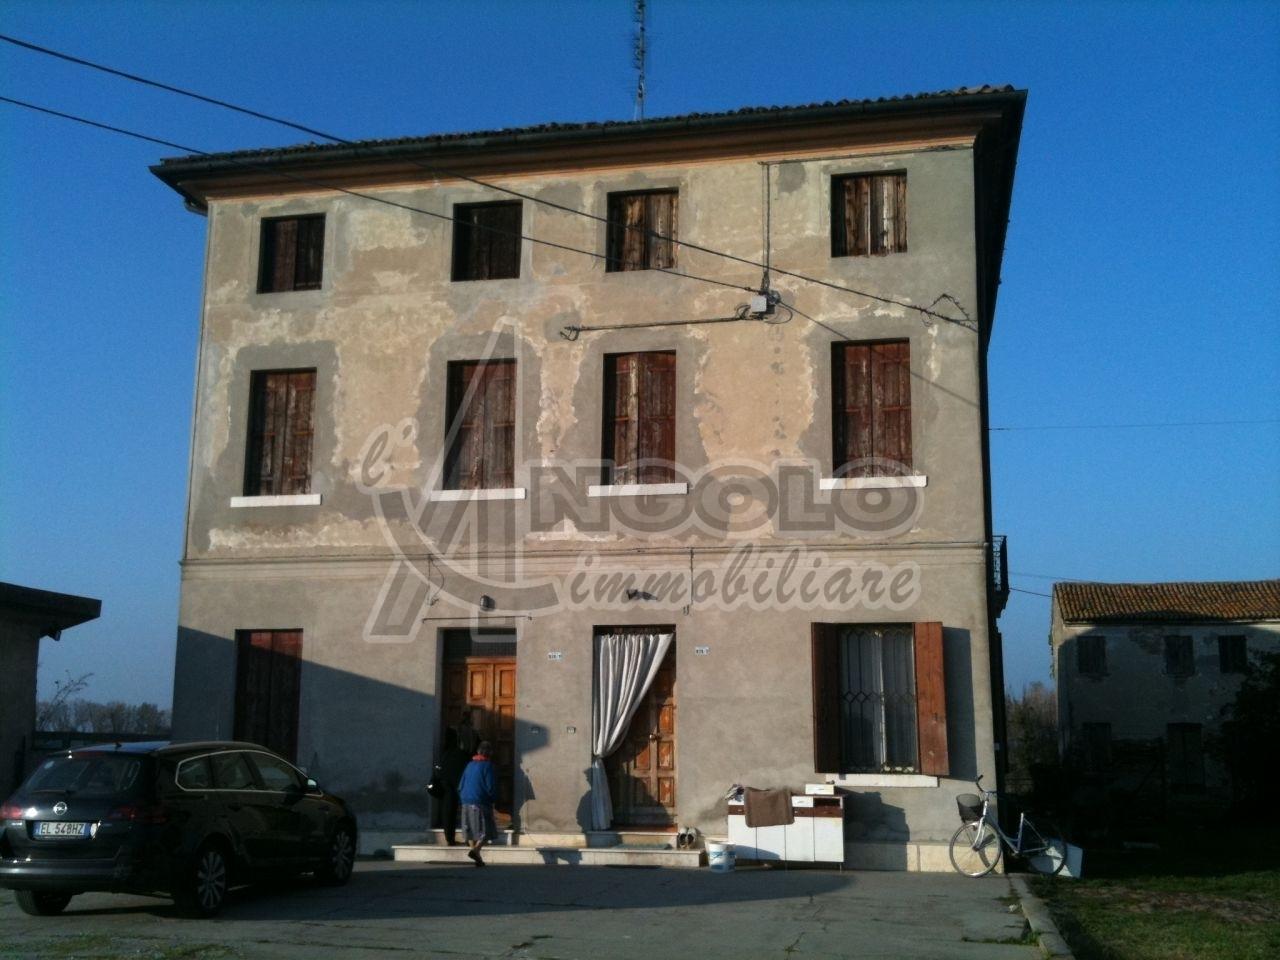 Soluzione Indipendente in vendita a Fiesso Umbertiano, 5 locali, prezzo € 48.000 | Cambio Casa.it